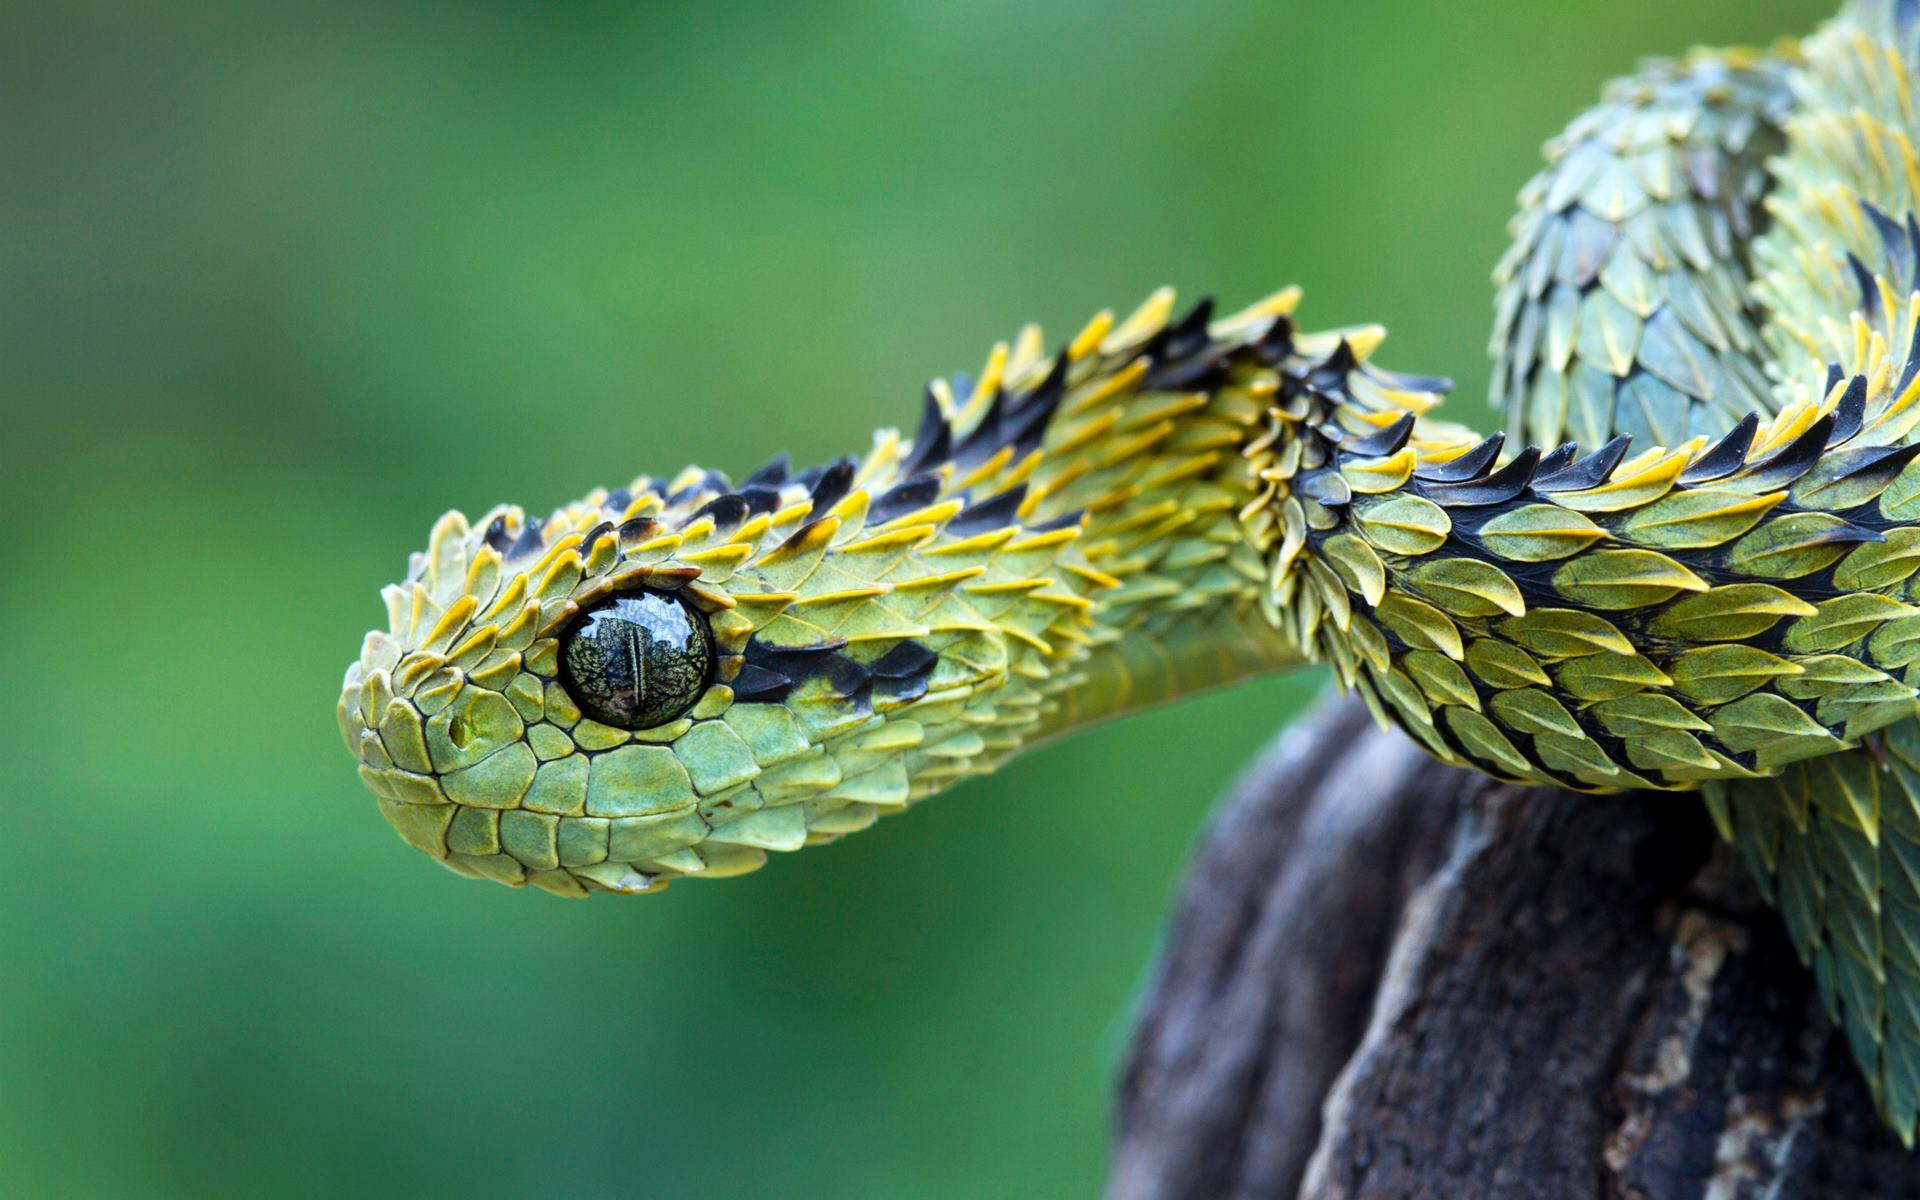 La serpiente viper - 1920x1200